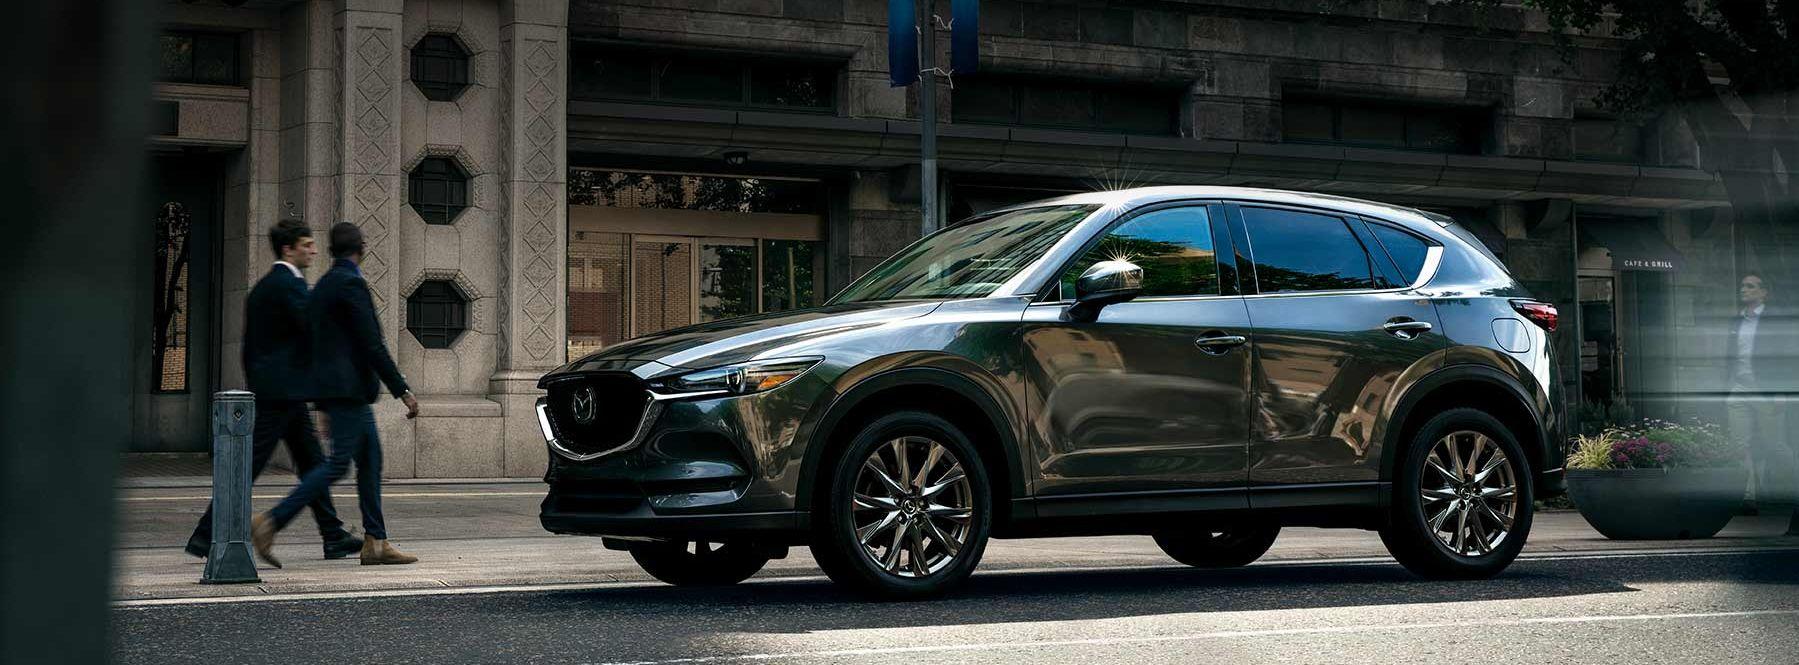 2019 Mazda CX-5 Financing near Seguin, TX